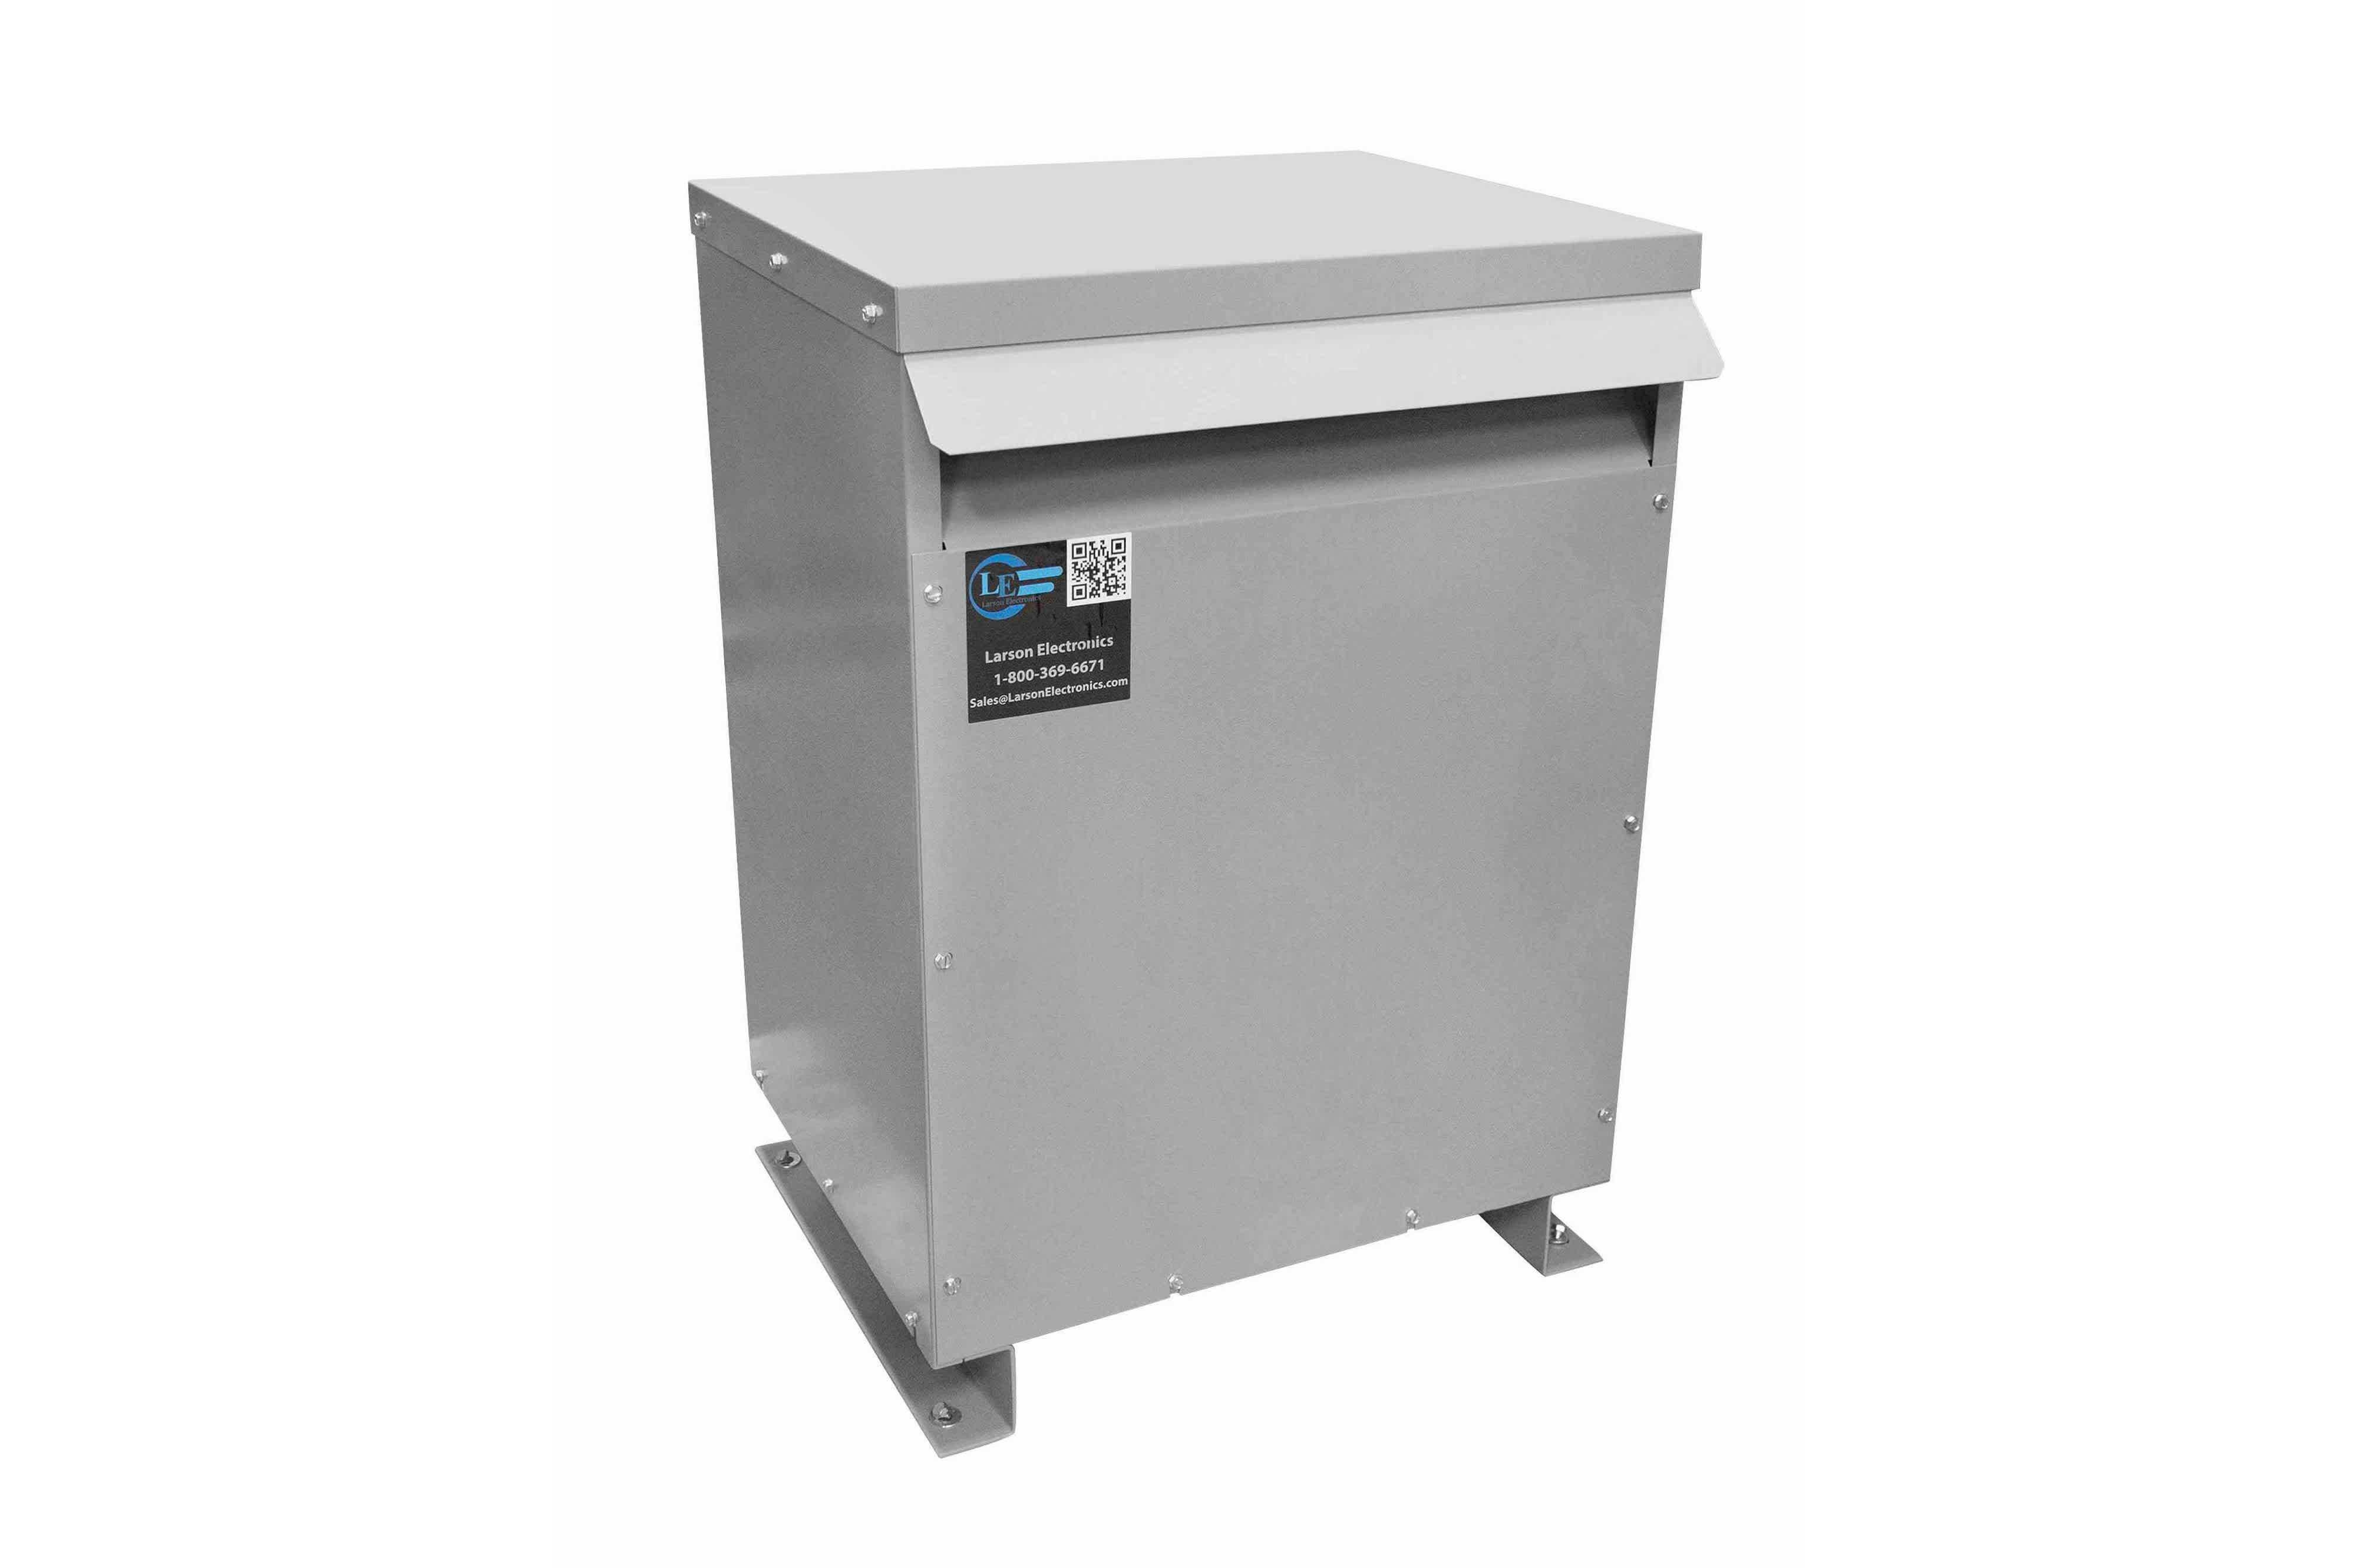 65 kVA 3PH Isolation Transformer, 480V Delta Primary, 240 Delta Secondary, N3R, Ventilated, 60 Hz